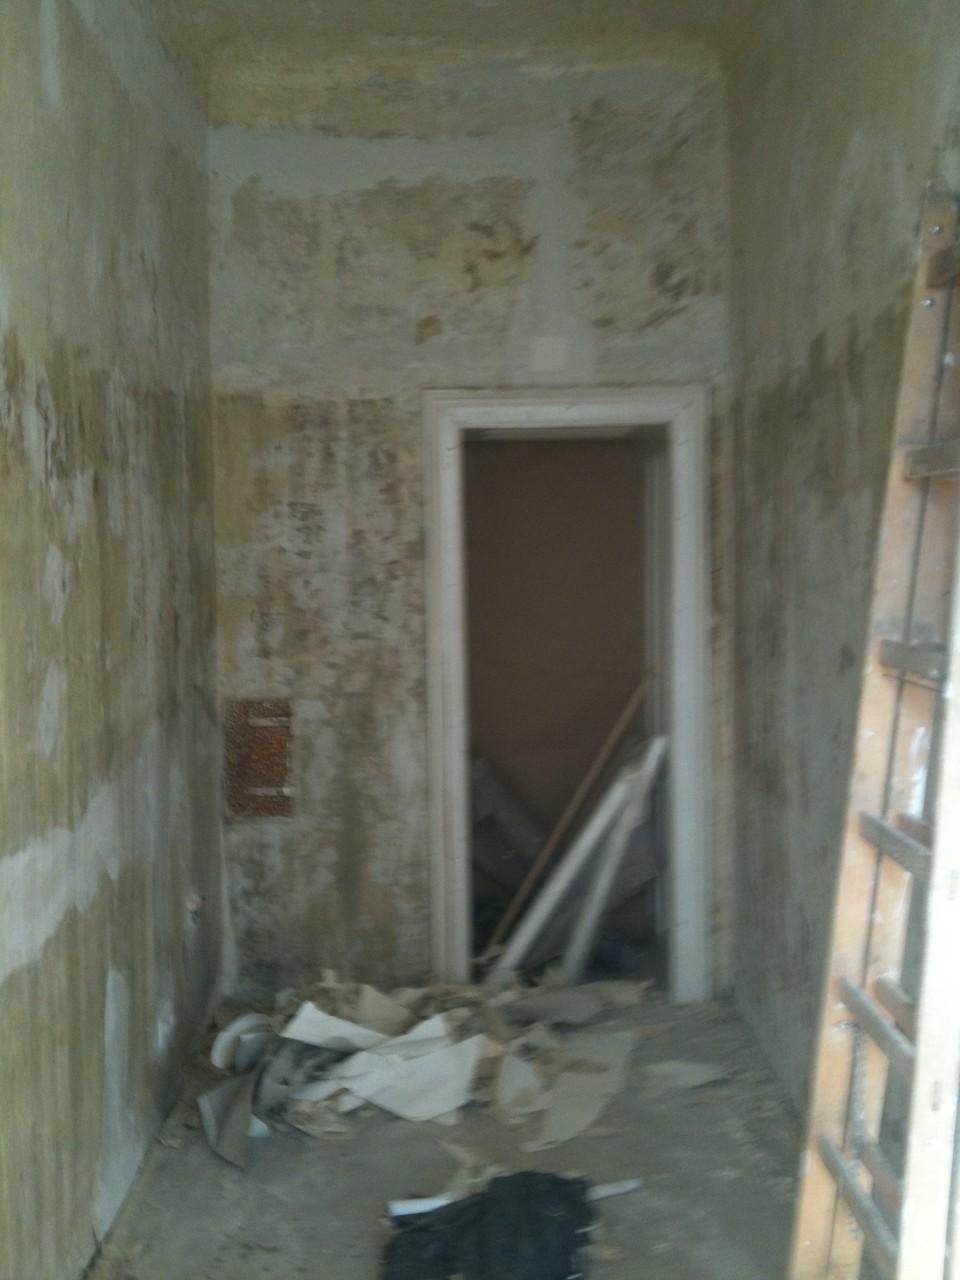 Altbeschichtung entfernen, Wände und Decke spachteln und malen